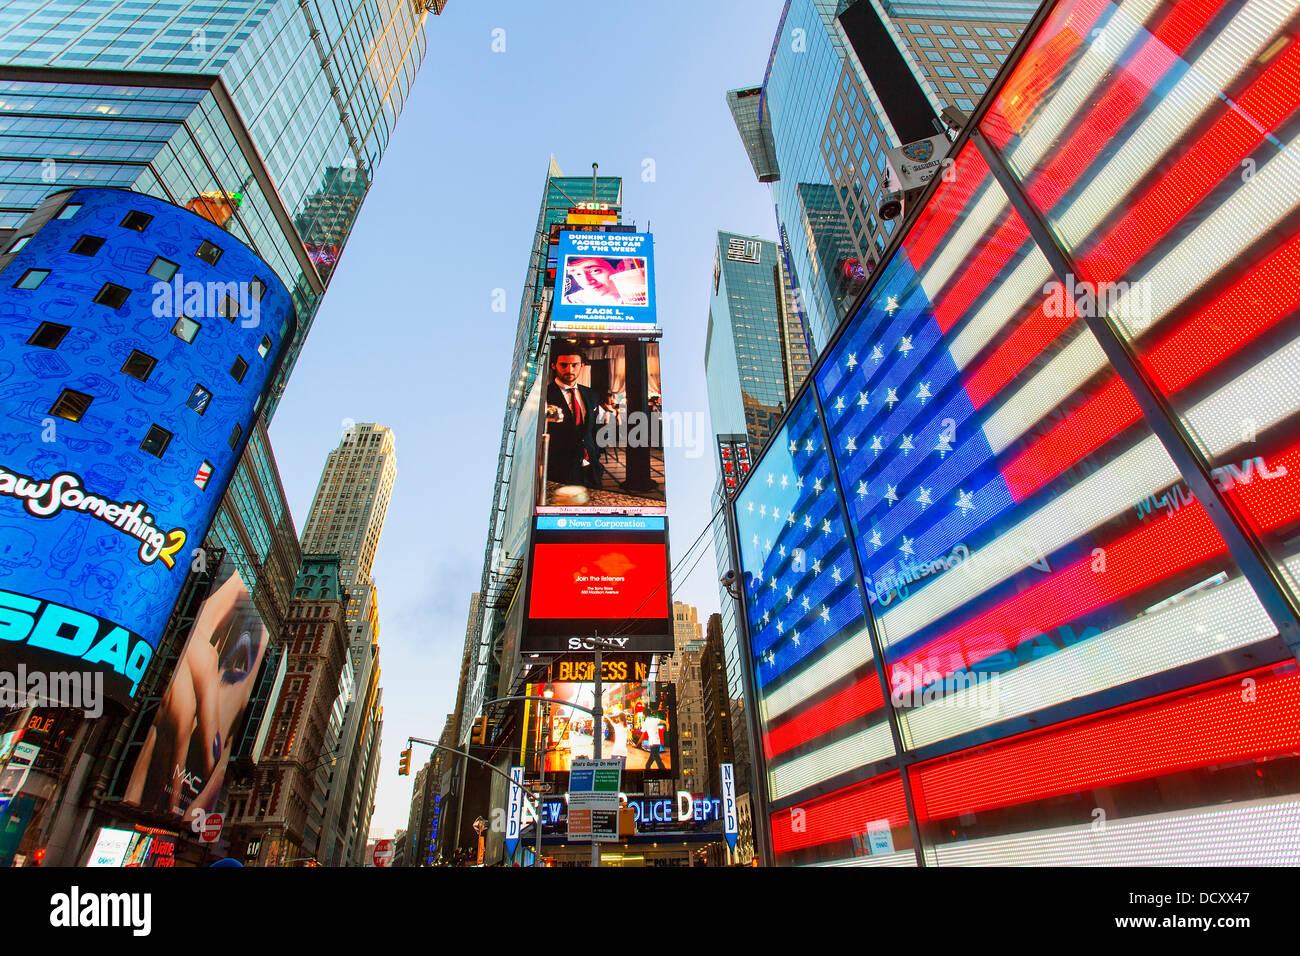 La Ciudad de Nueva York Times Square Imagen De Stock